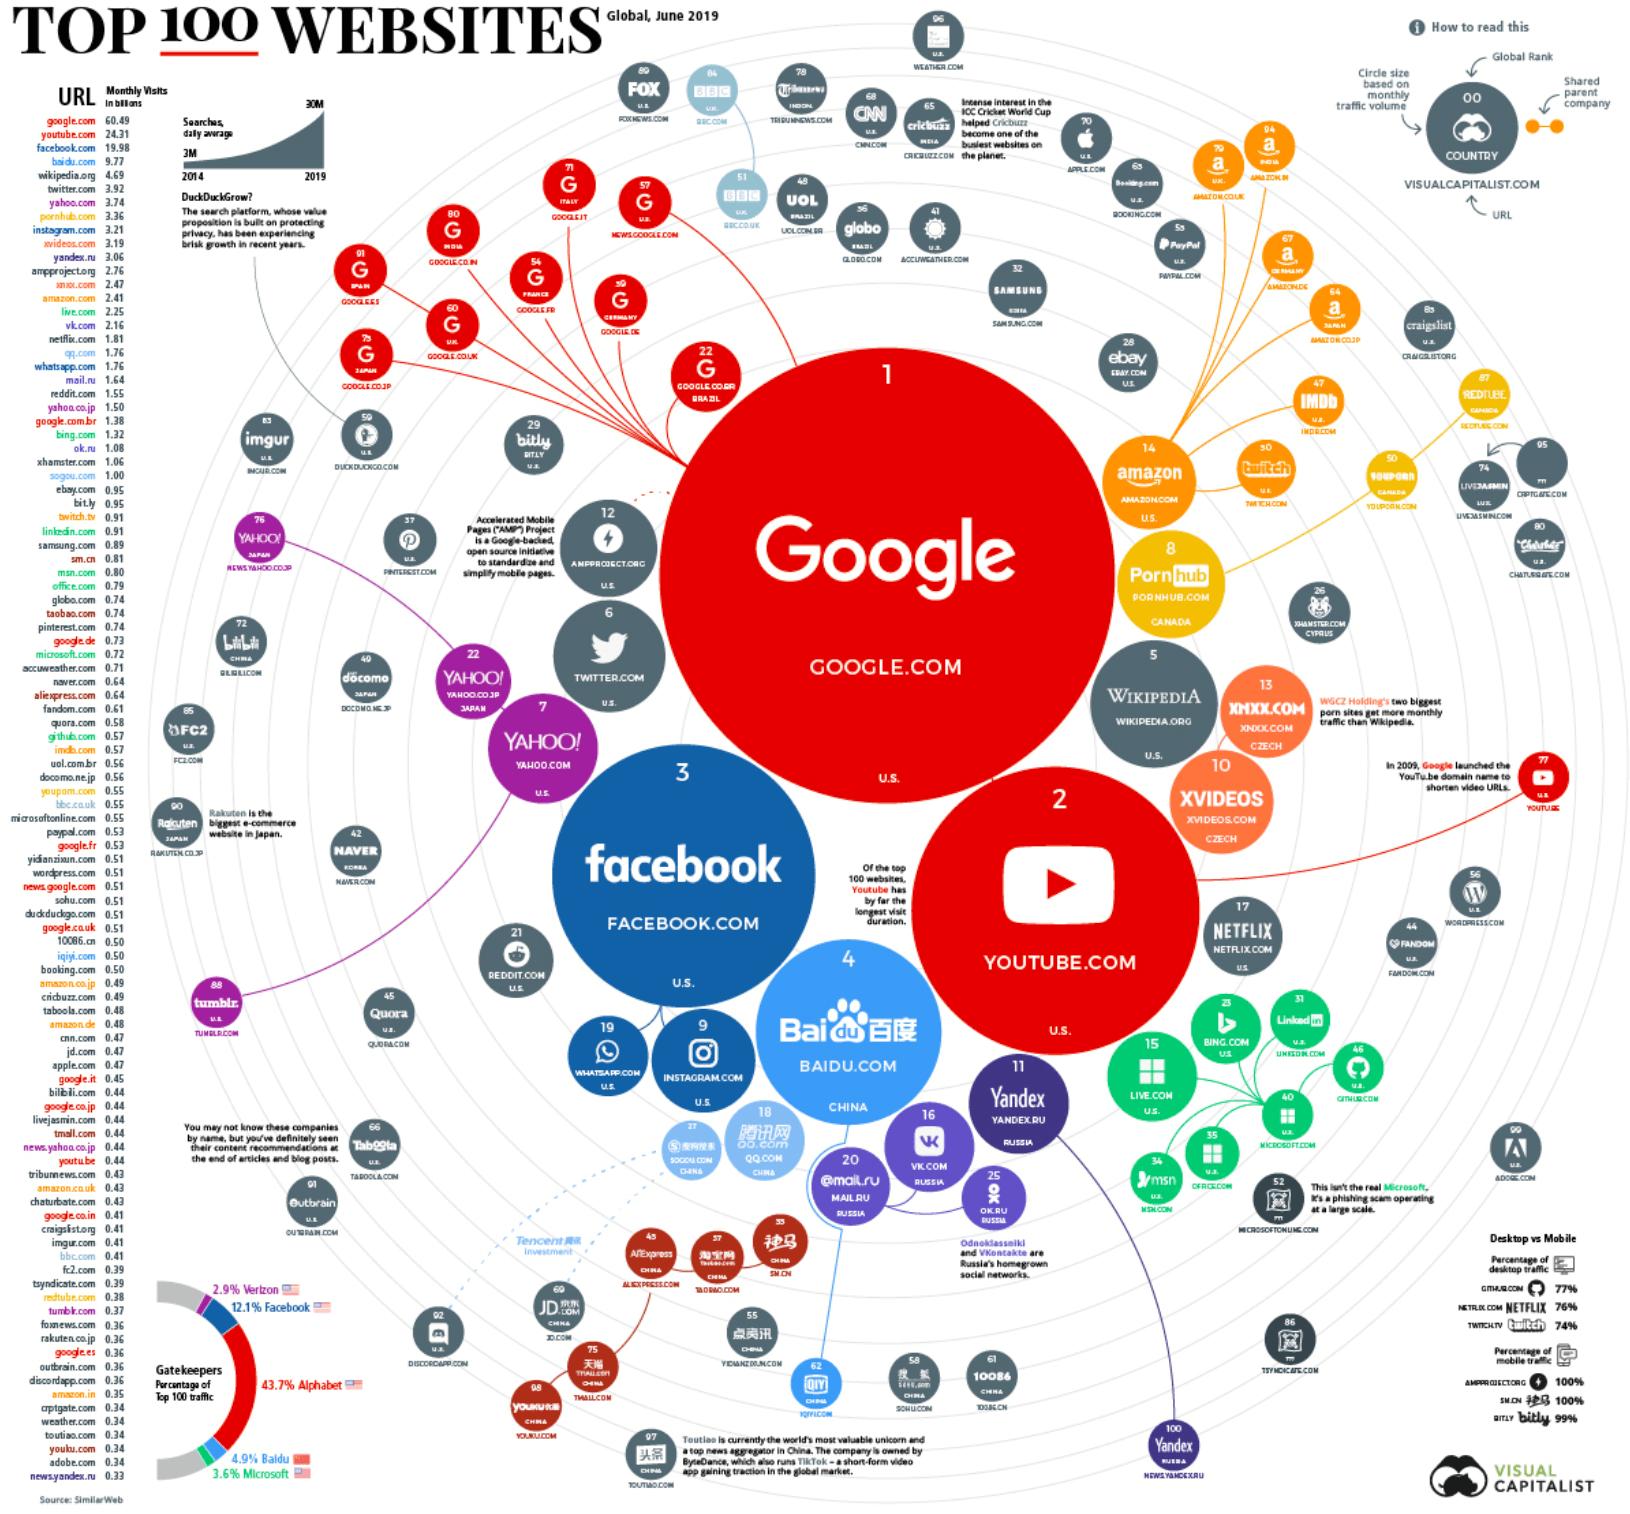 世界のTOP100ウェブサイトランキング1